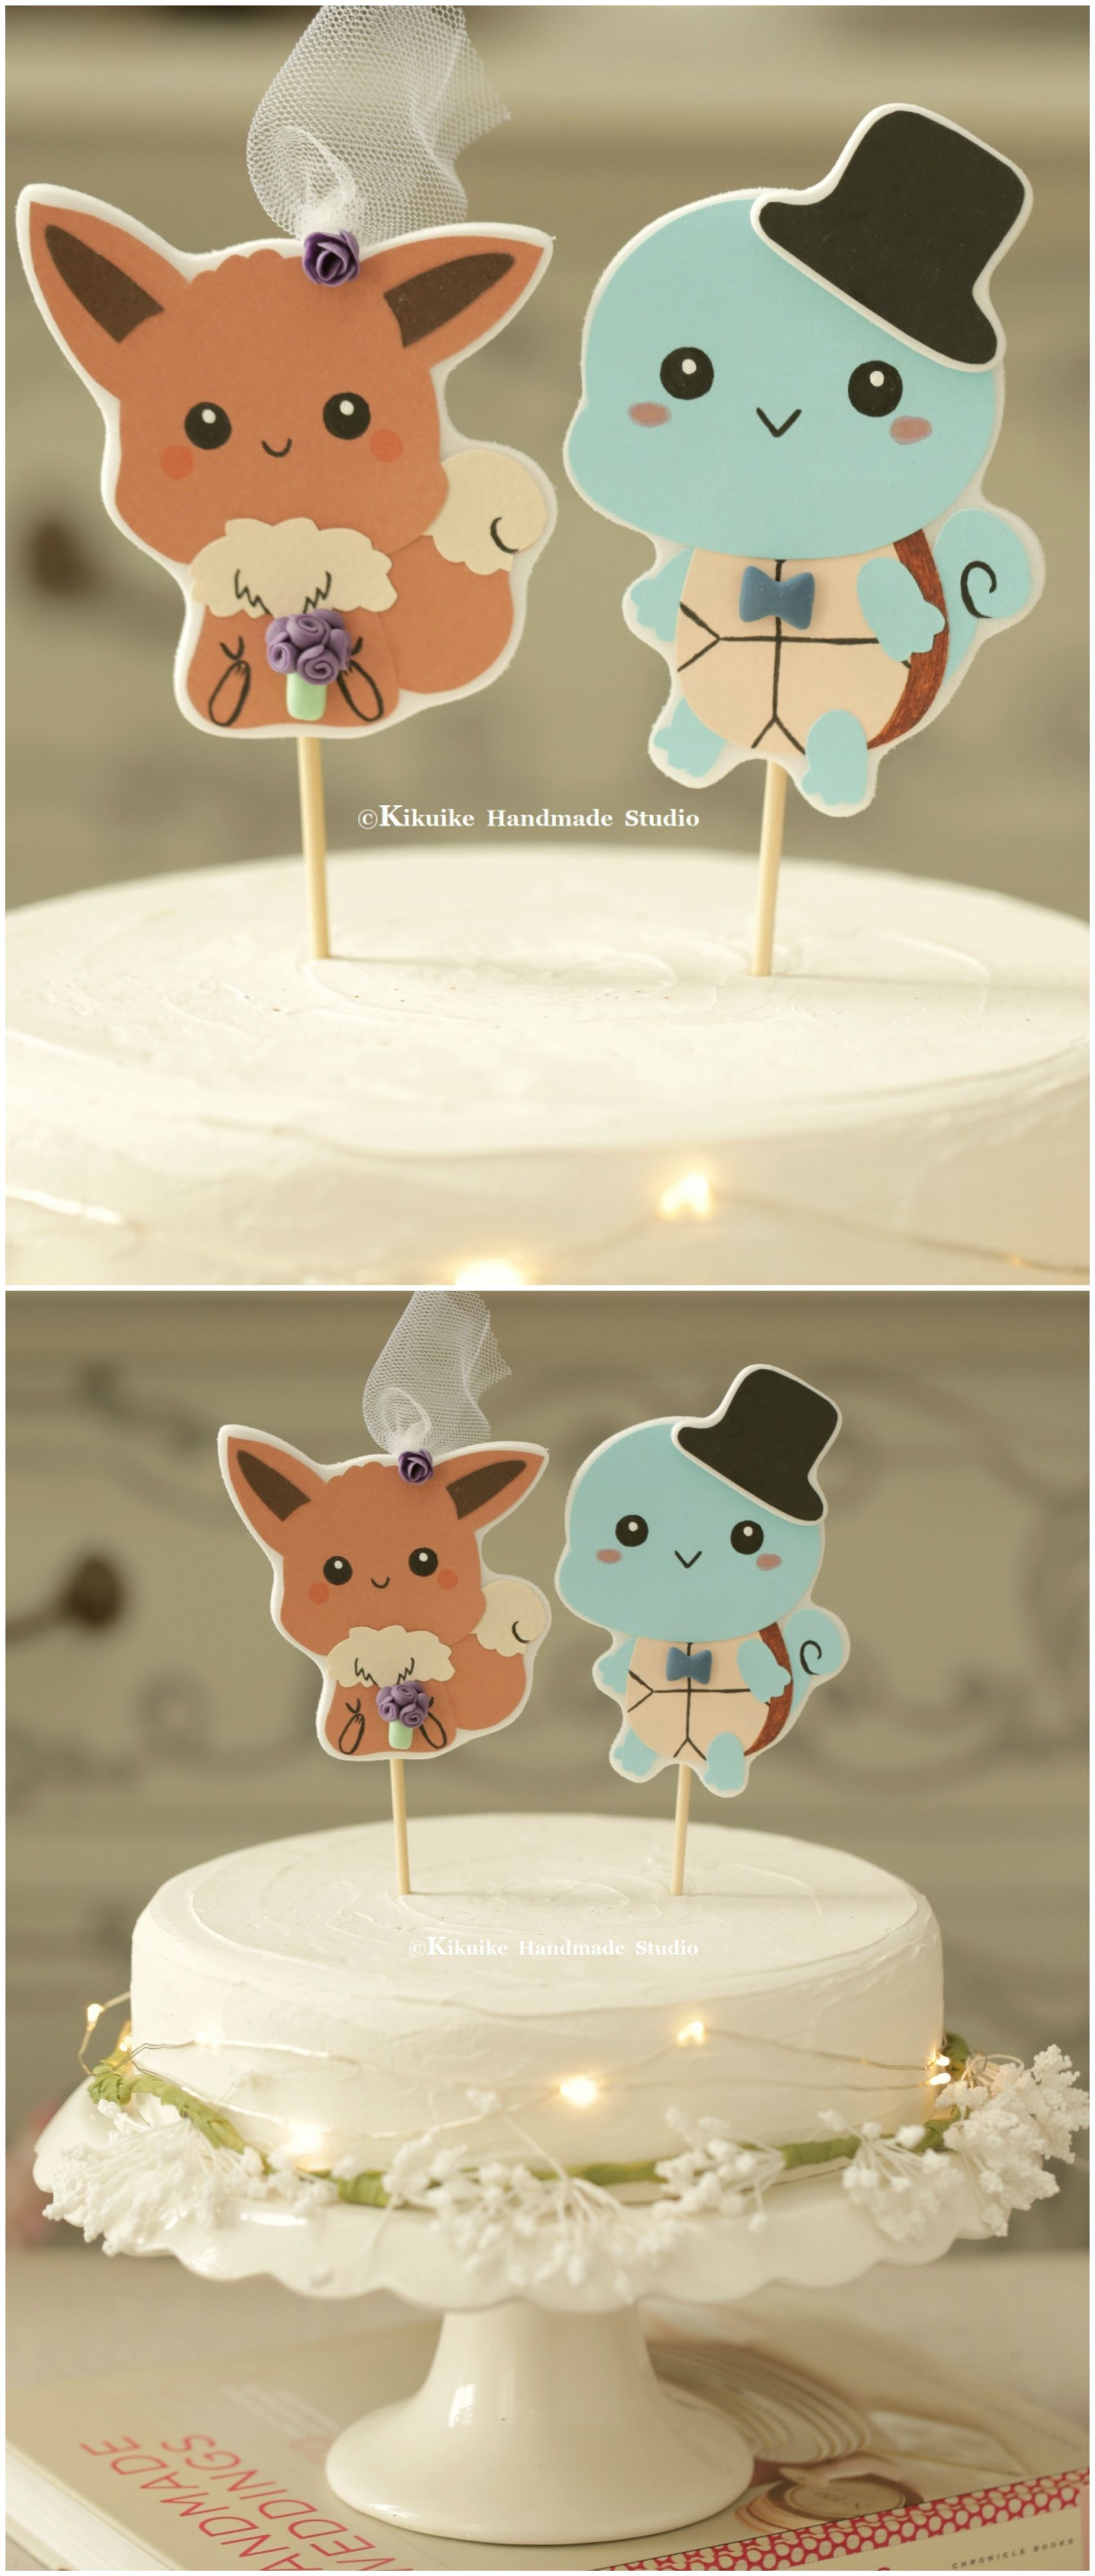 Pokemon Wedding Cake Topperpocket monster Wedding cake topper